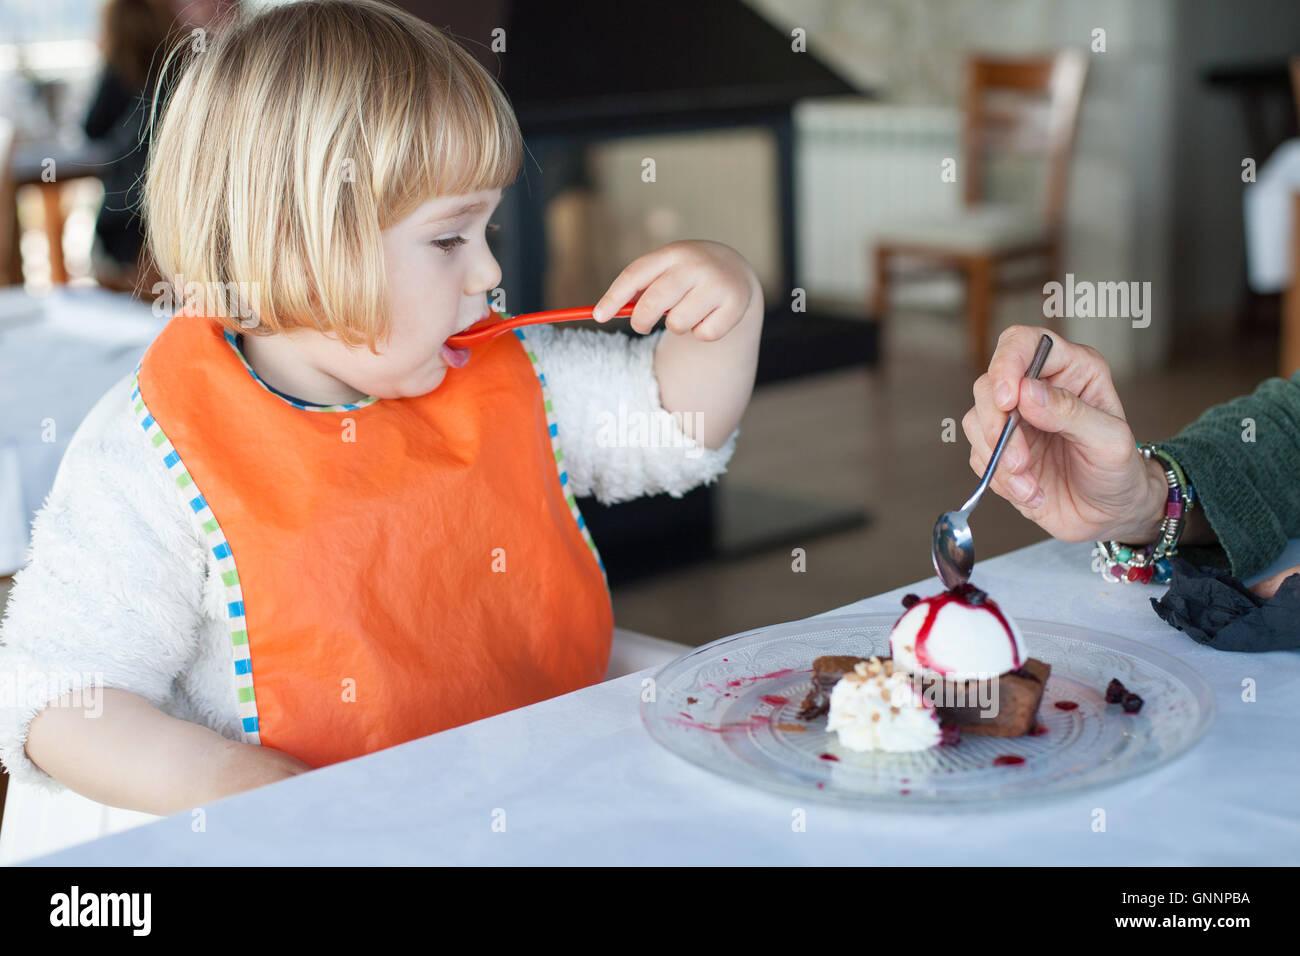 Dos años kid comer con cuchara de plástico naranja un trozo de pastel de chocolate con helado de vainilla Imagen De Stock